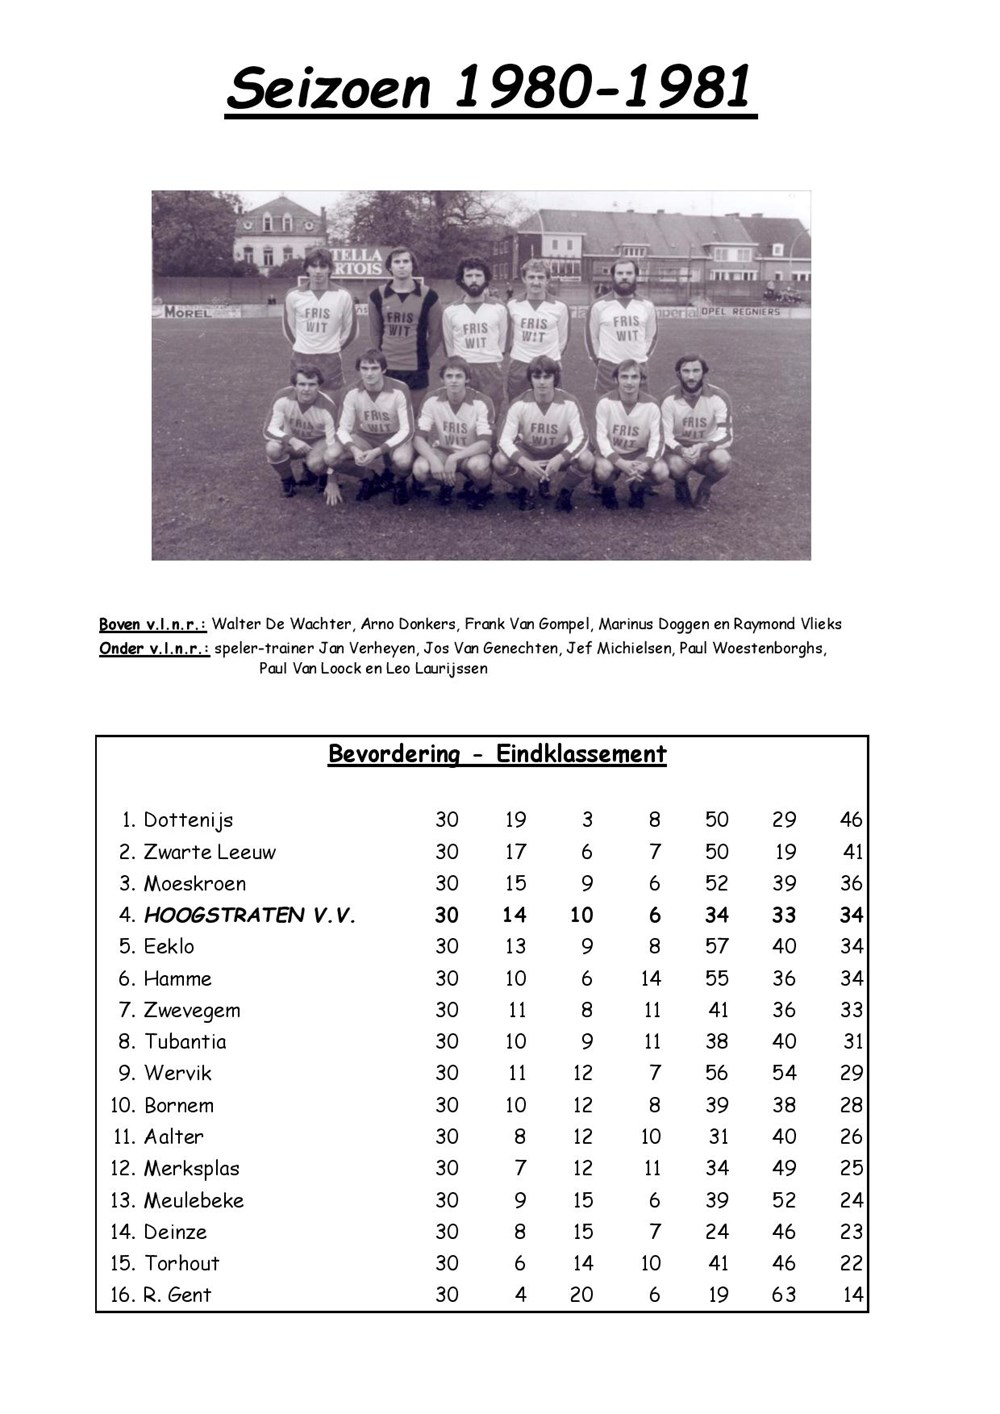 seizoen_1980-1981-page-001.jpg